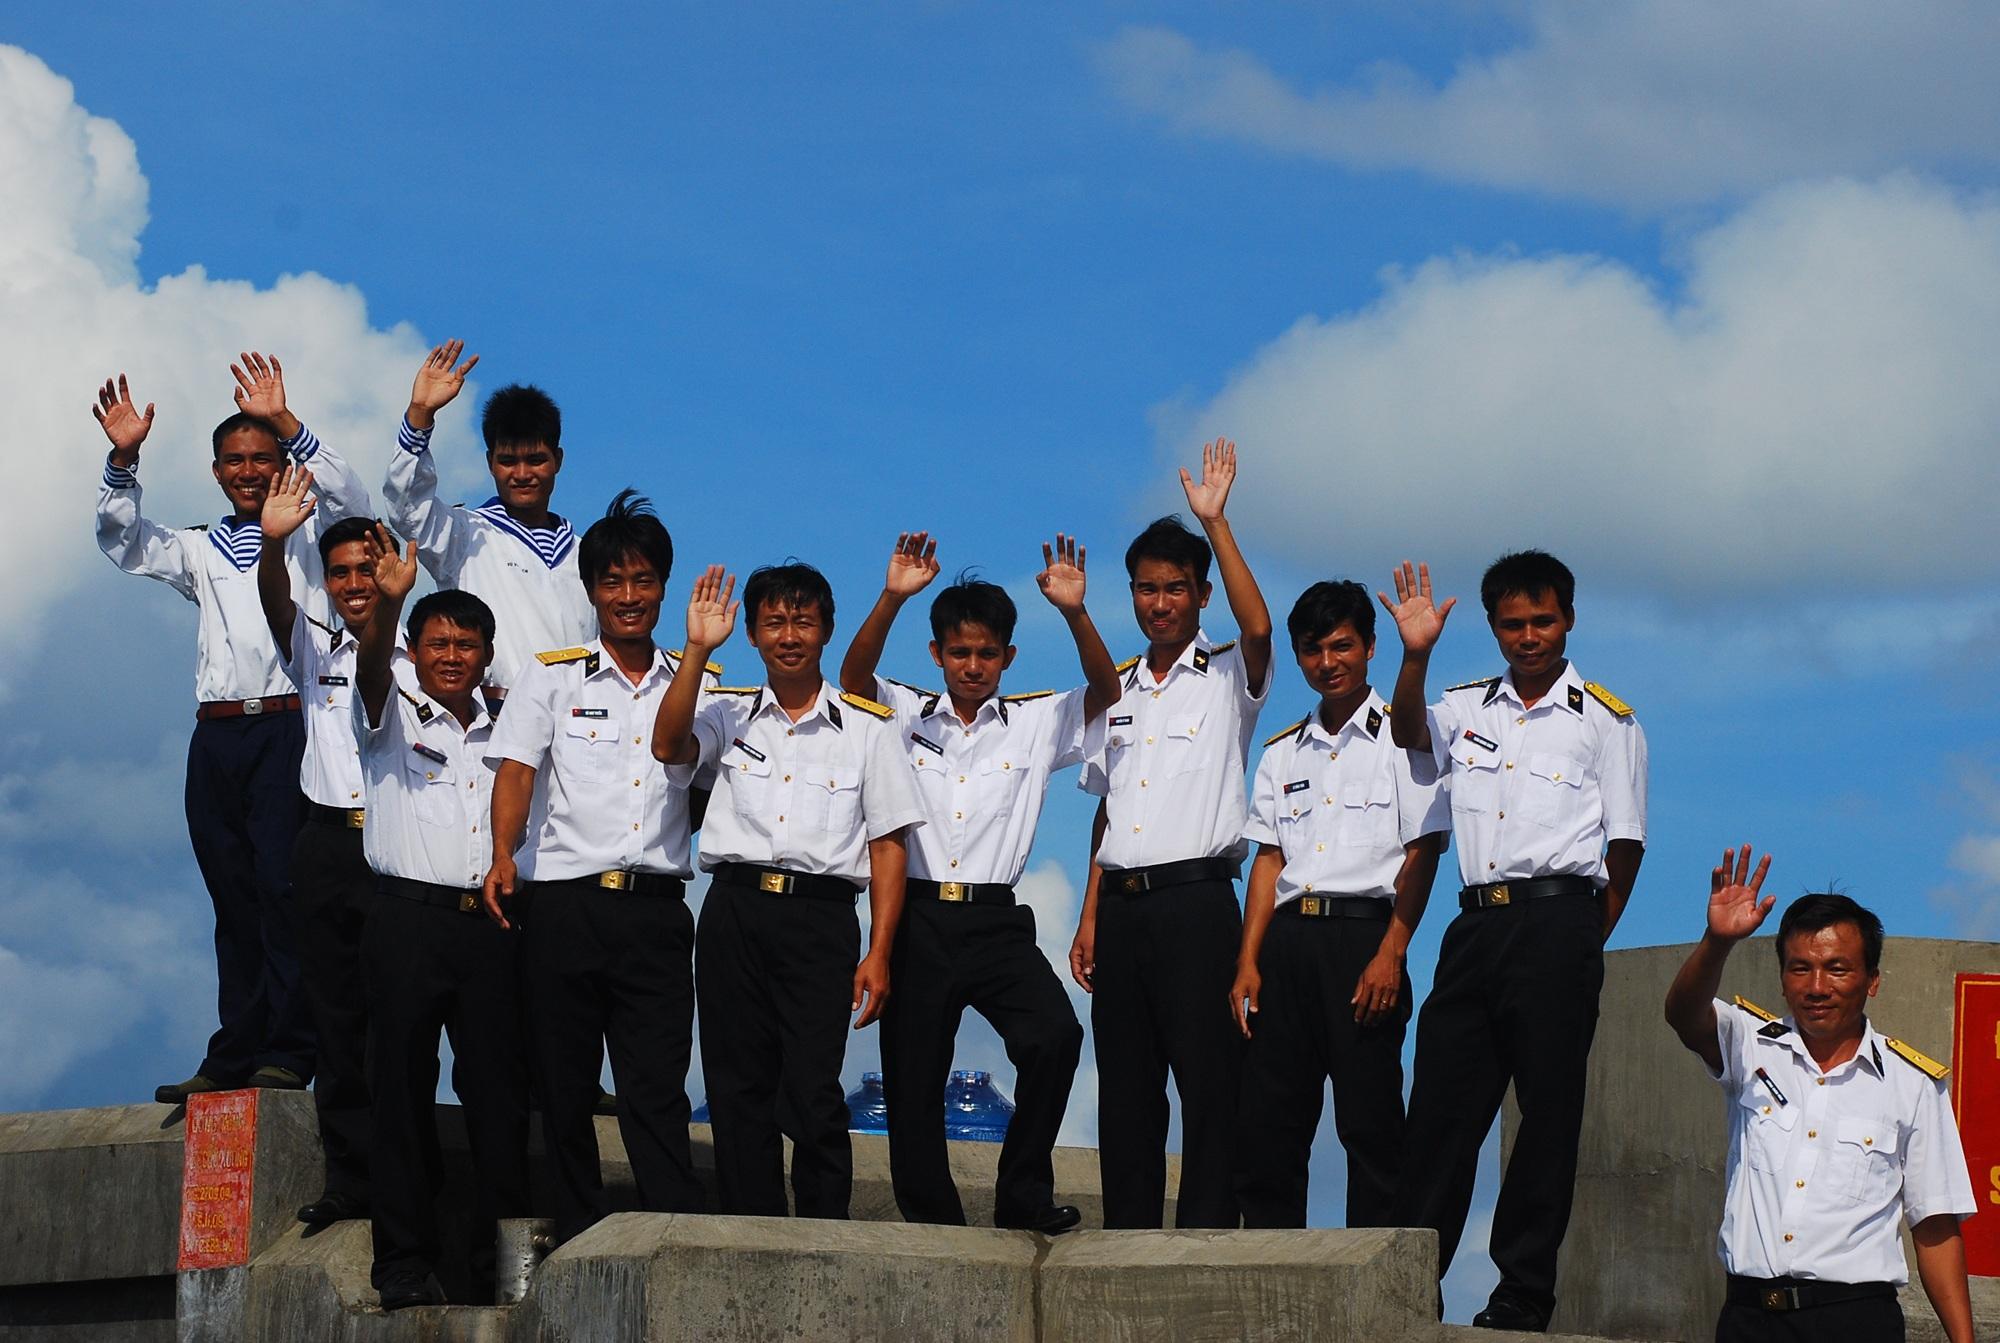 Nhiều người con Nghệ An, trong có có quê hương Phúc Thọ đã và đang công tác tại quần đảo Trường Sa (ảnh Hoàng Trần).